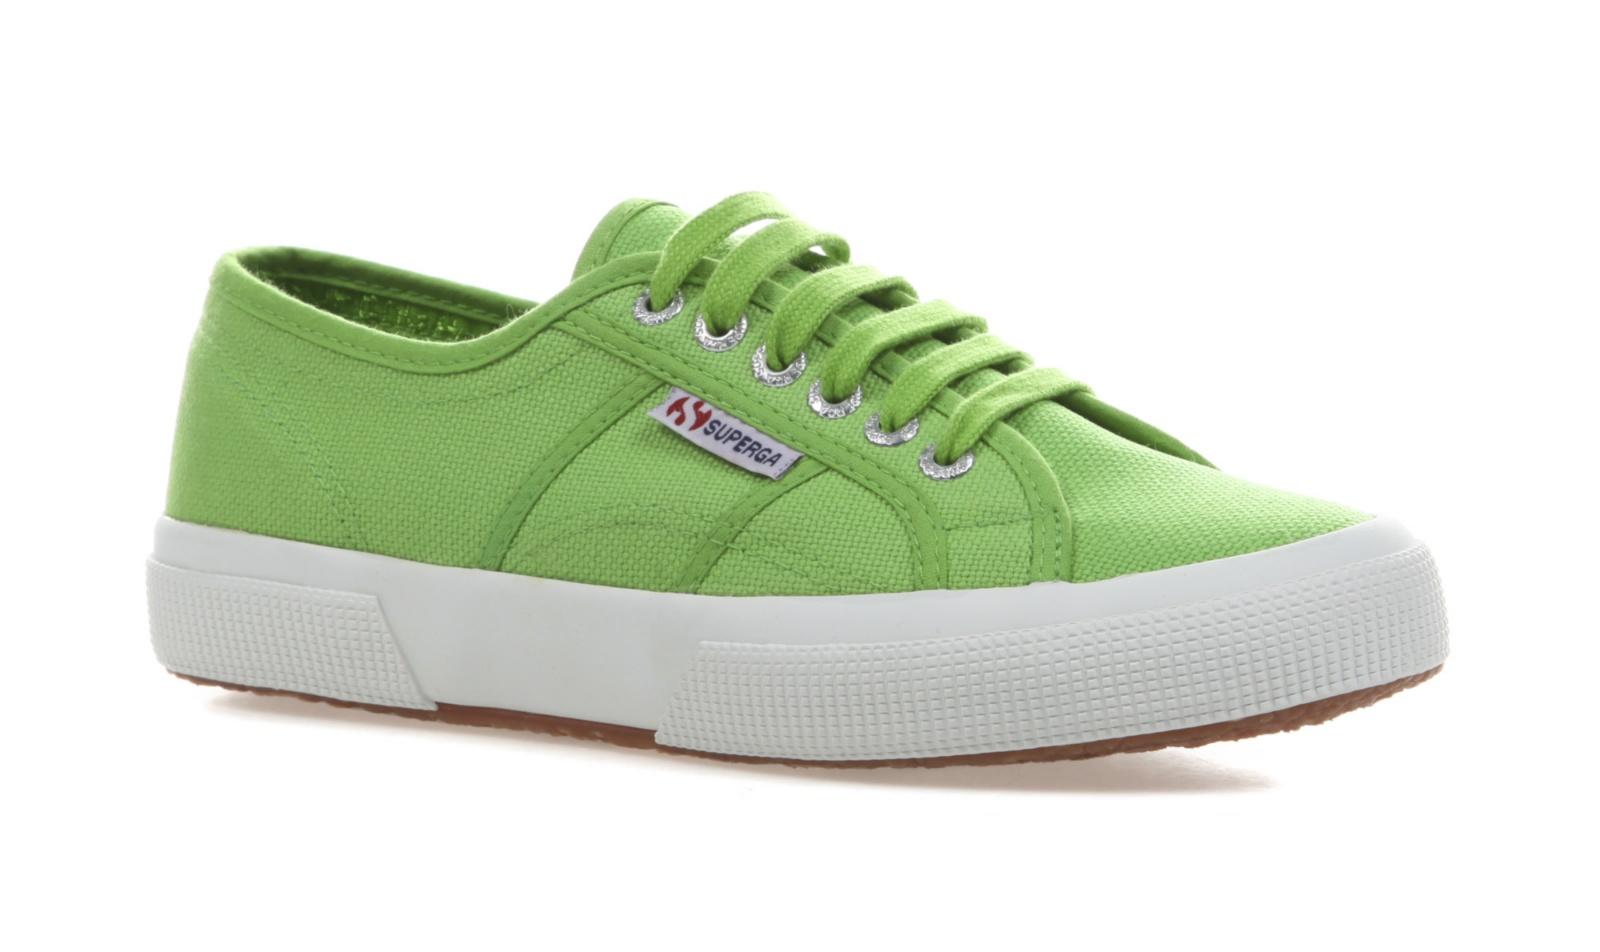 Superga Unisex 2750 Cotu Classic-Green Canvas Trainers Tennis ...